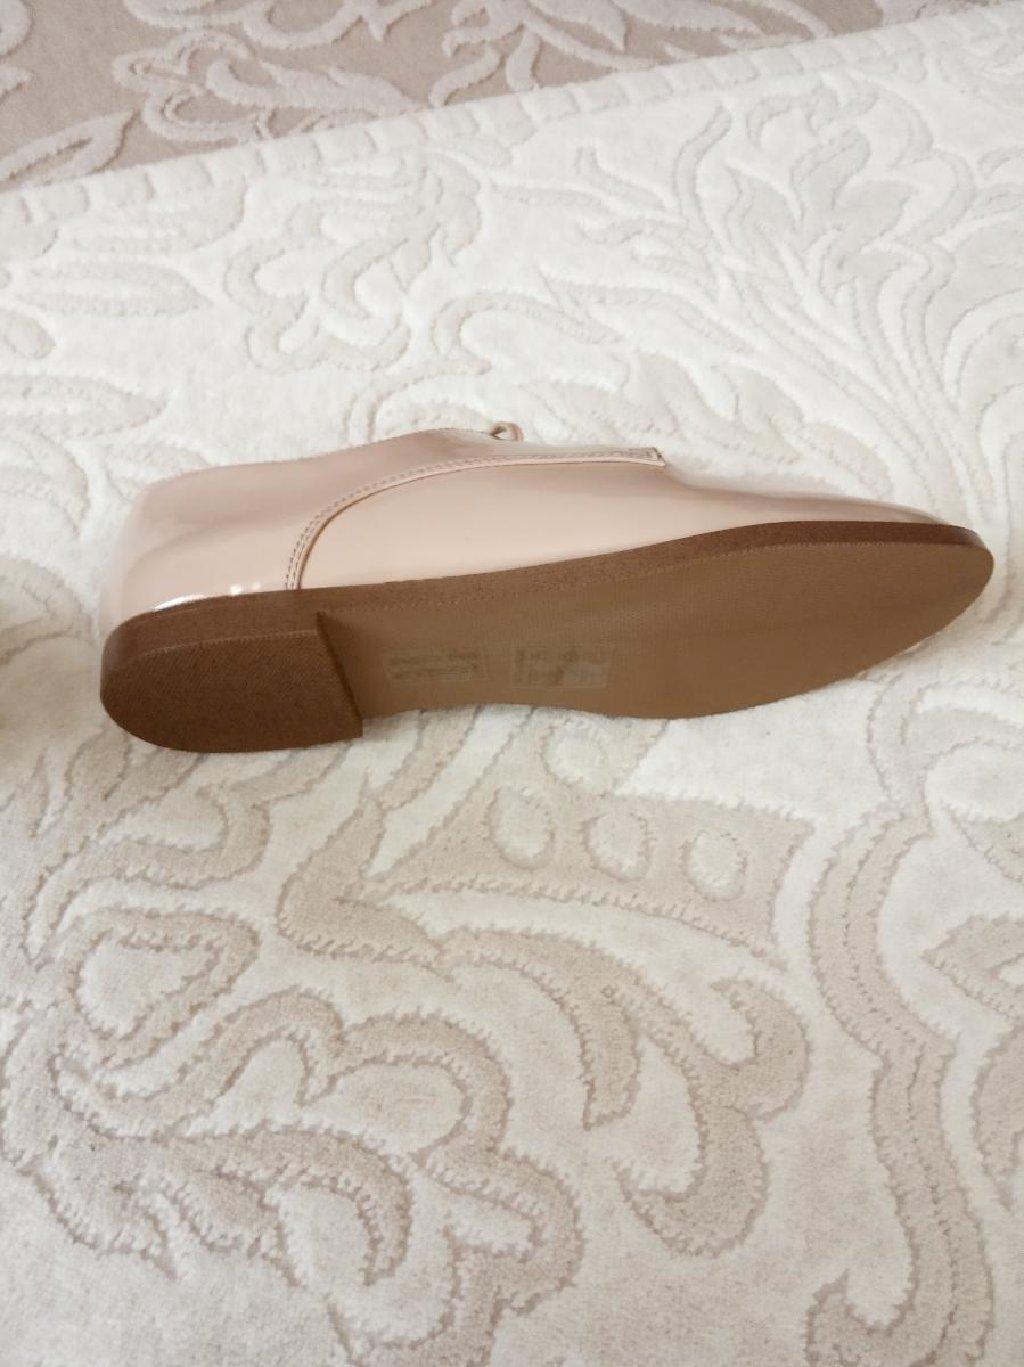 Совсем новые туфли,очень удобные,размер 38,5,продаю за 50 ман,есть скидка